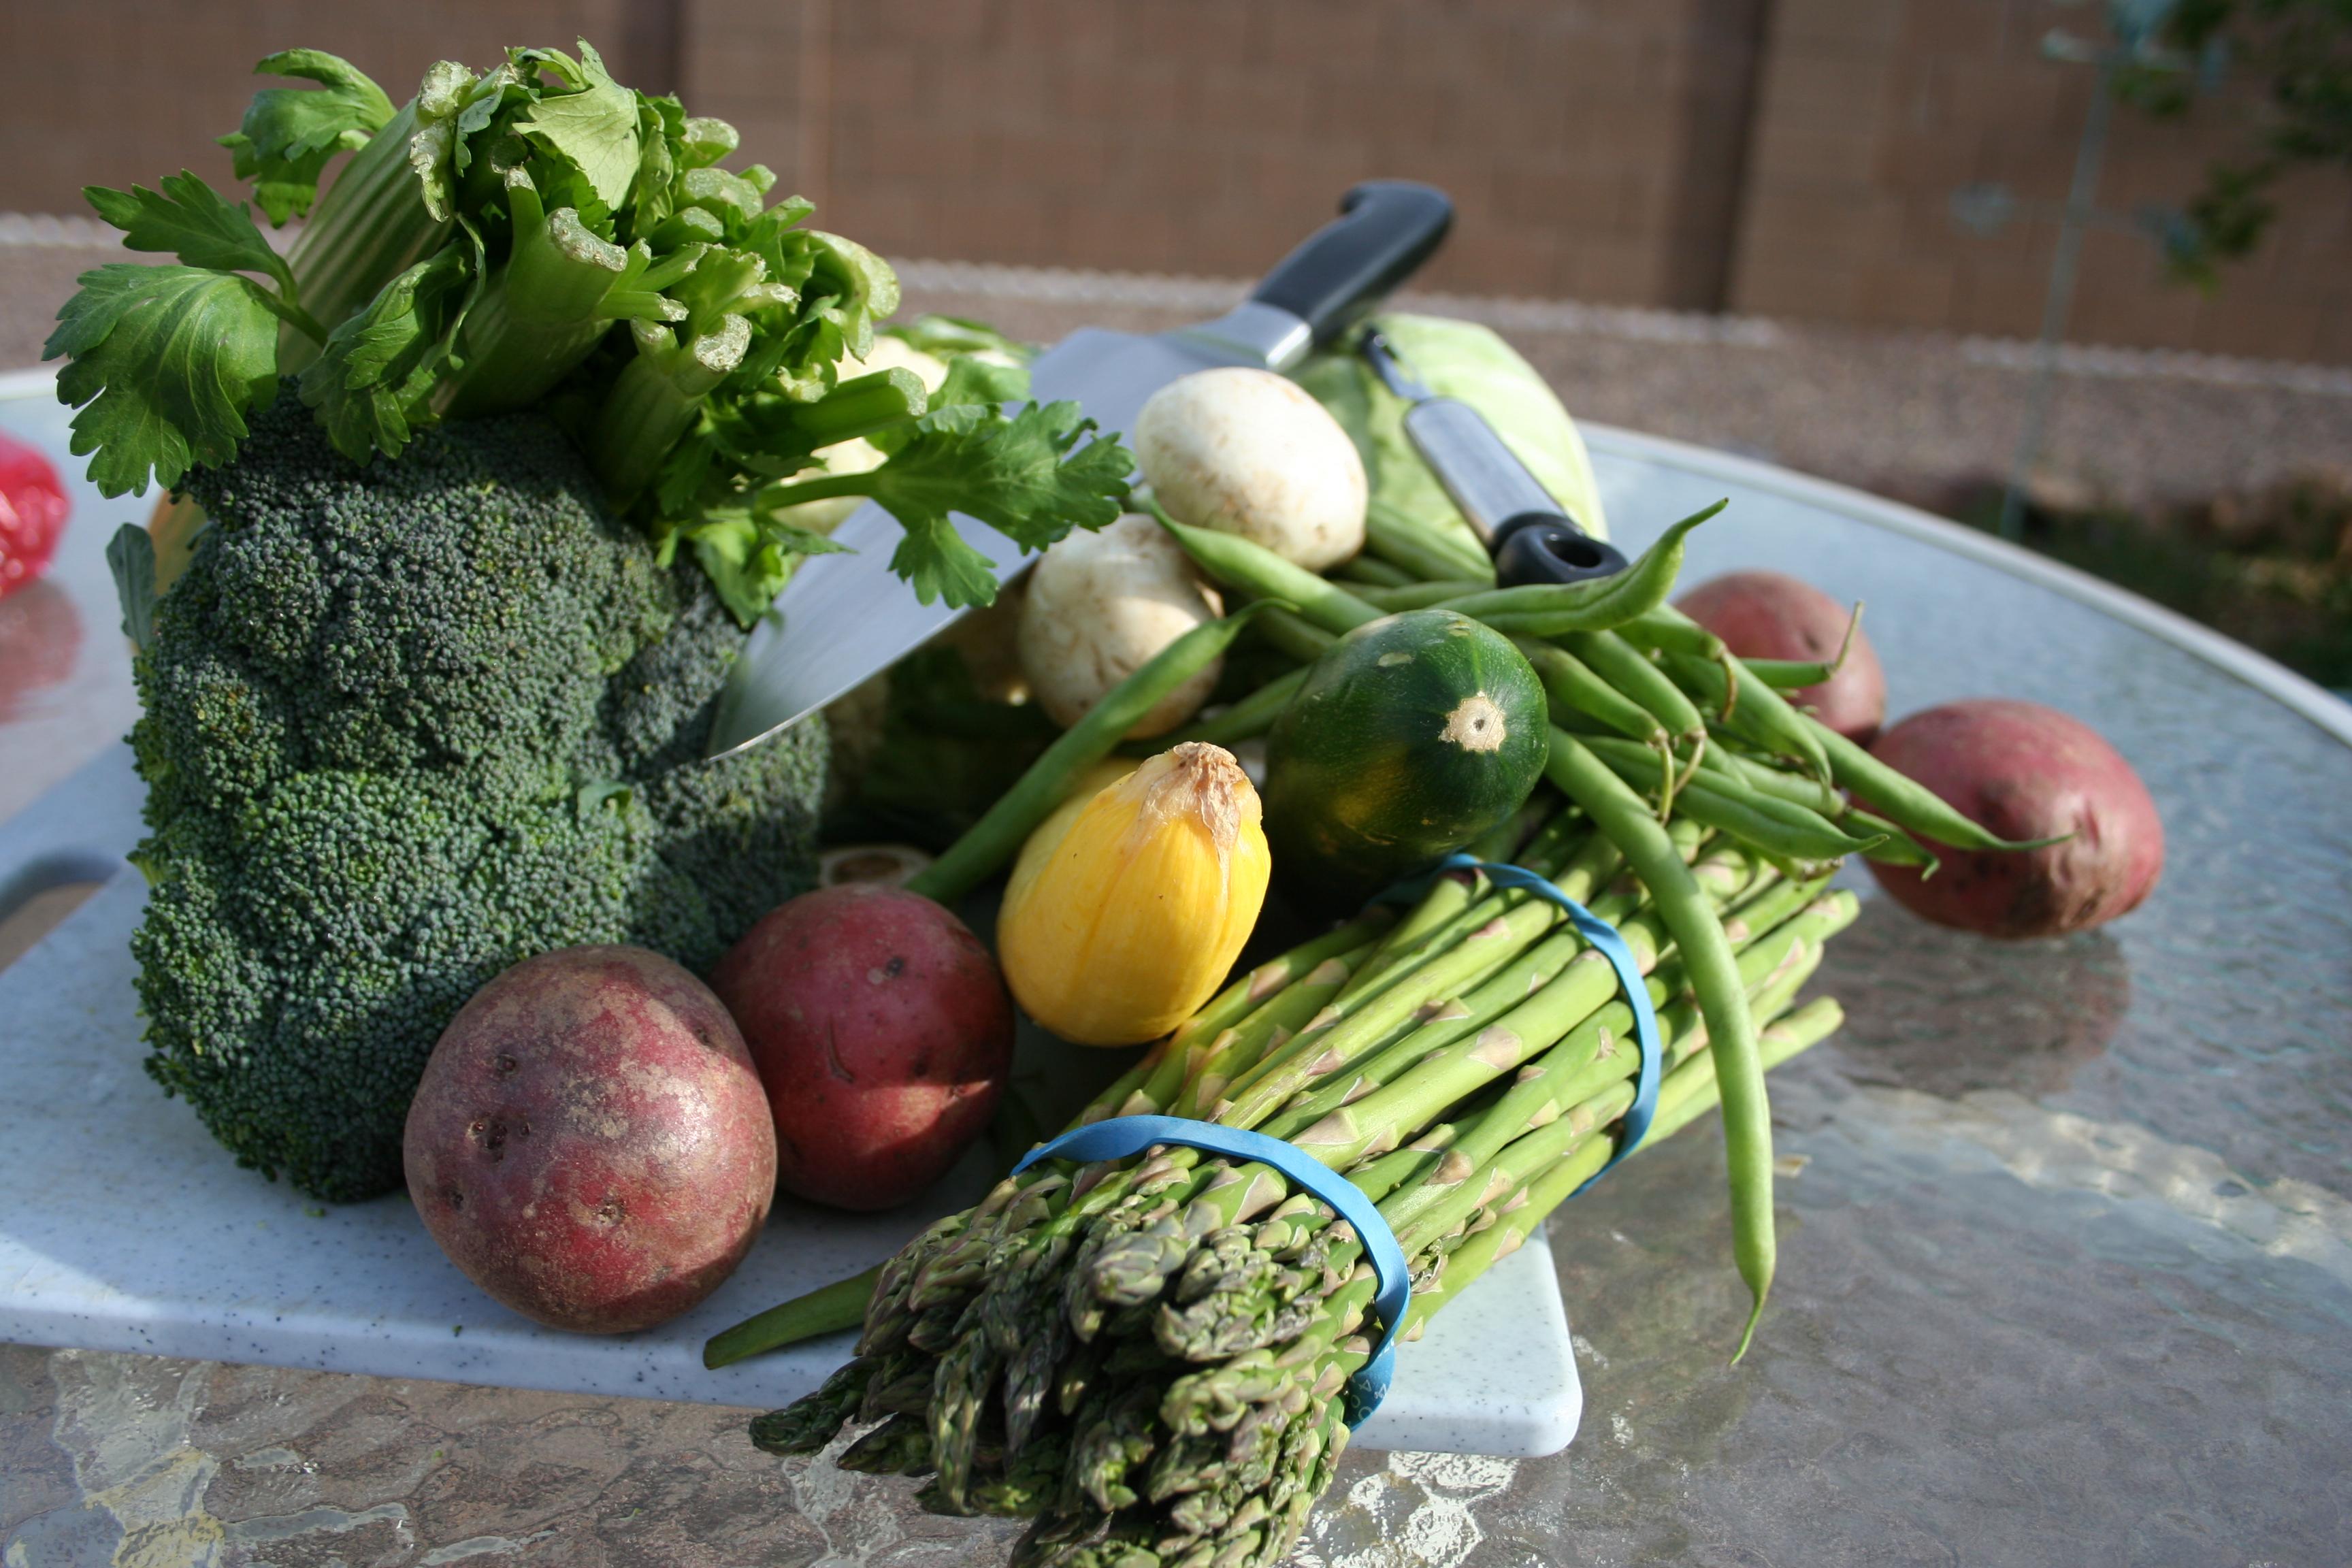 Gli asparagi, tra i prodotti genuini della nostra dieta (ph: Thejazzcat per Stockvaul)t